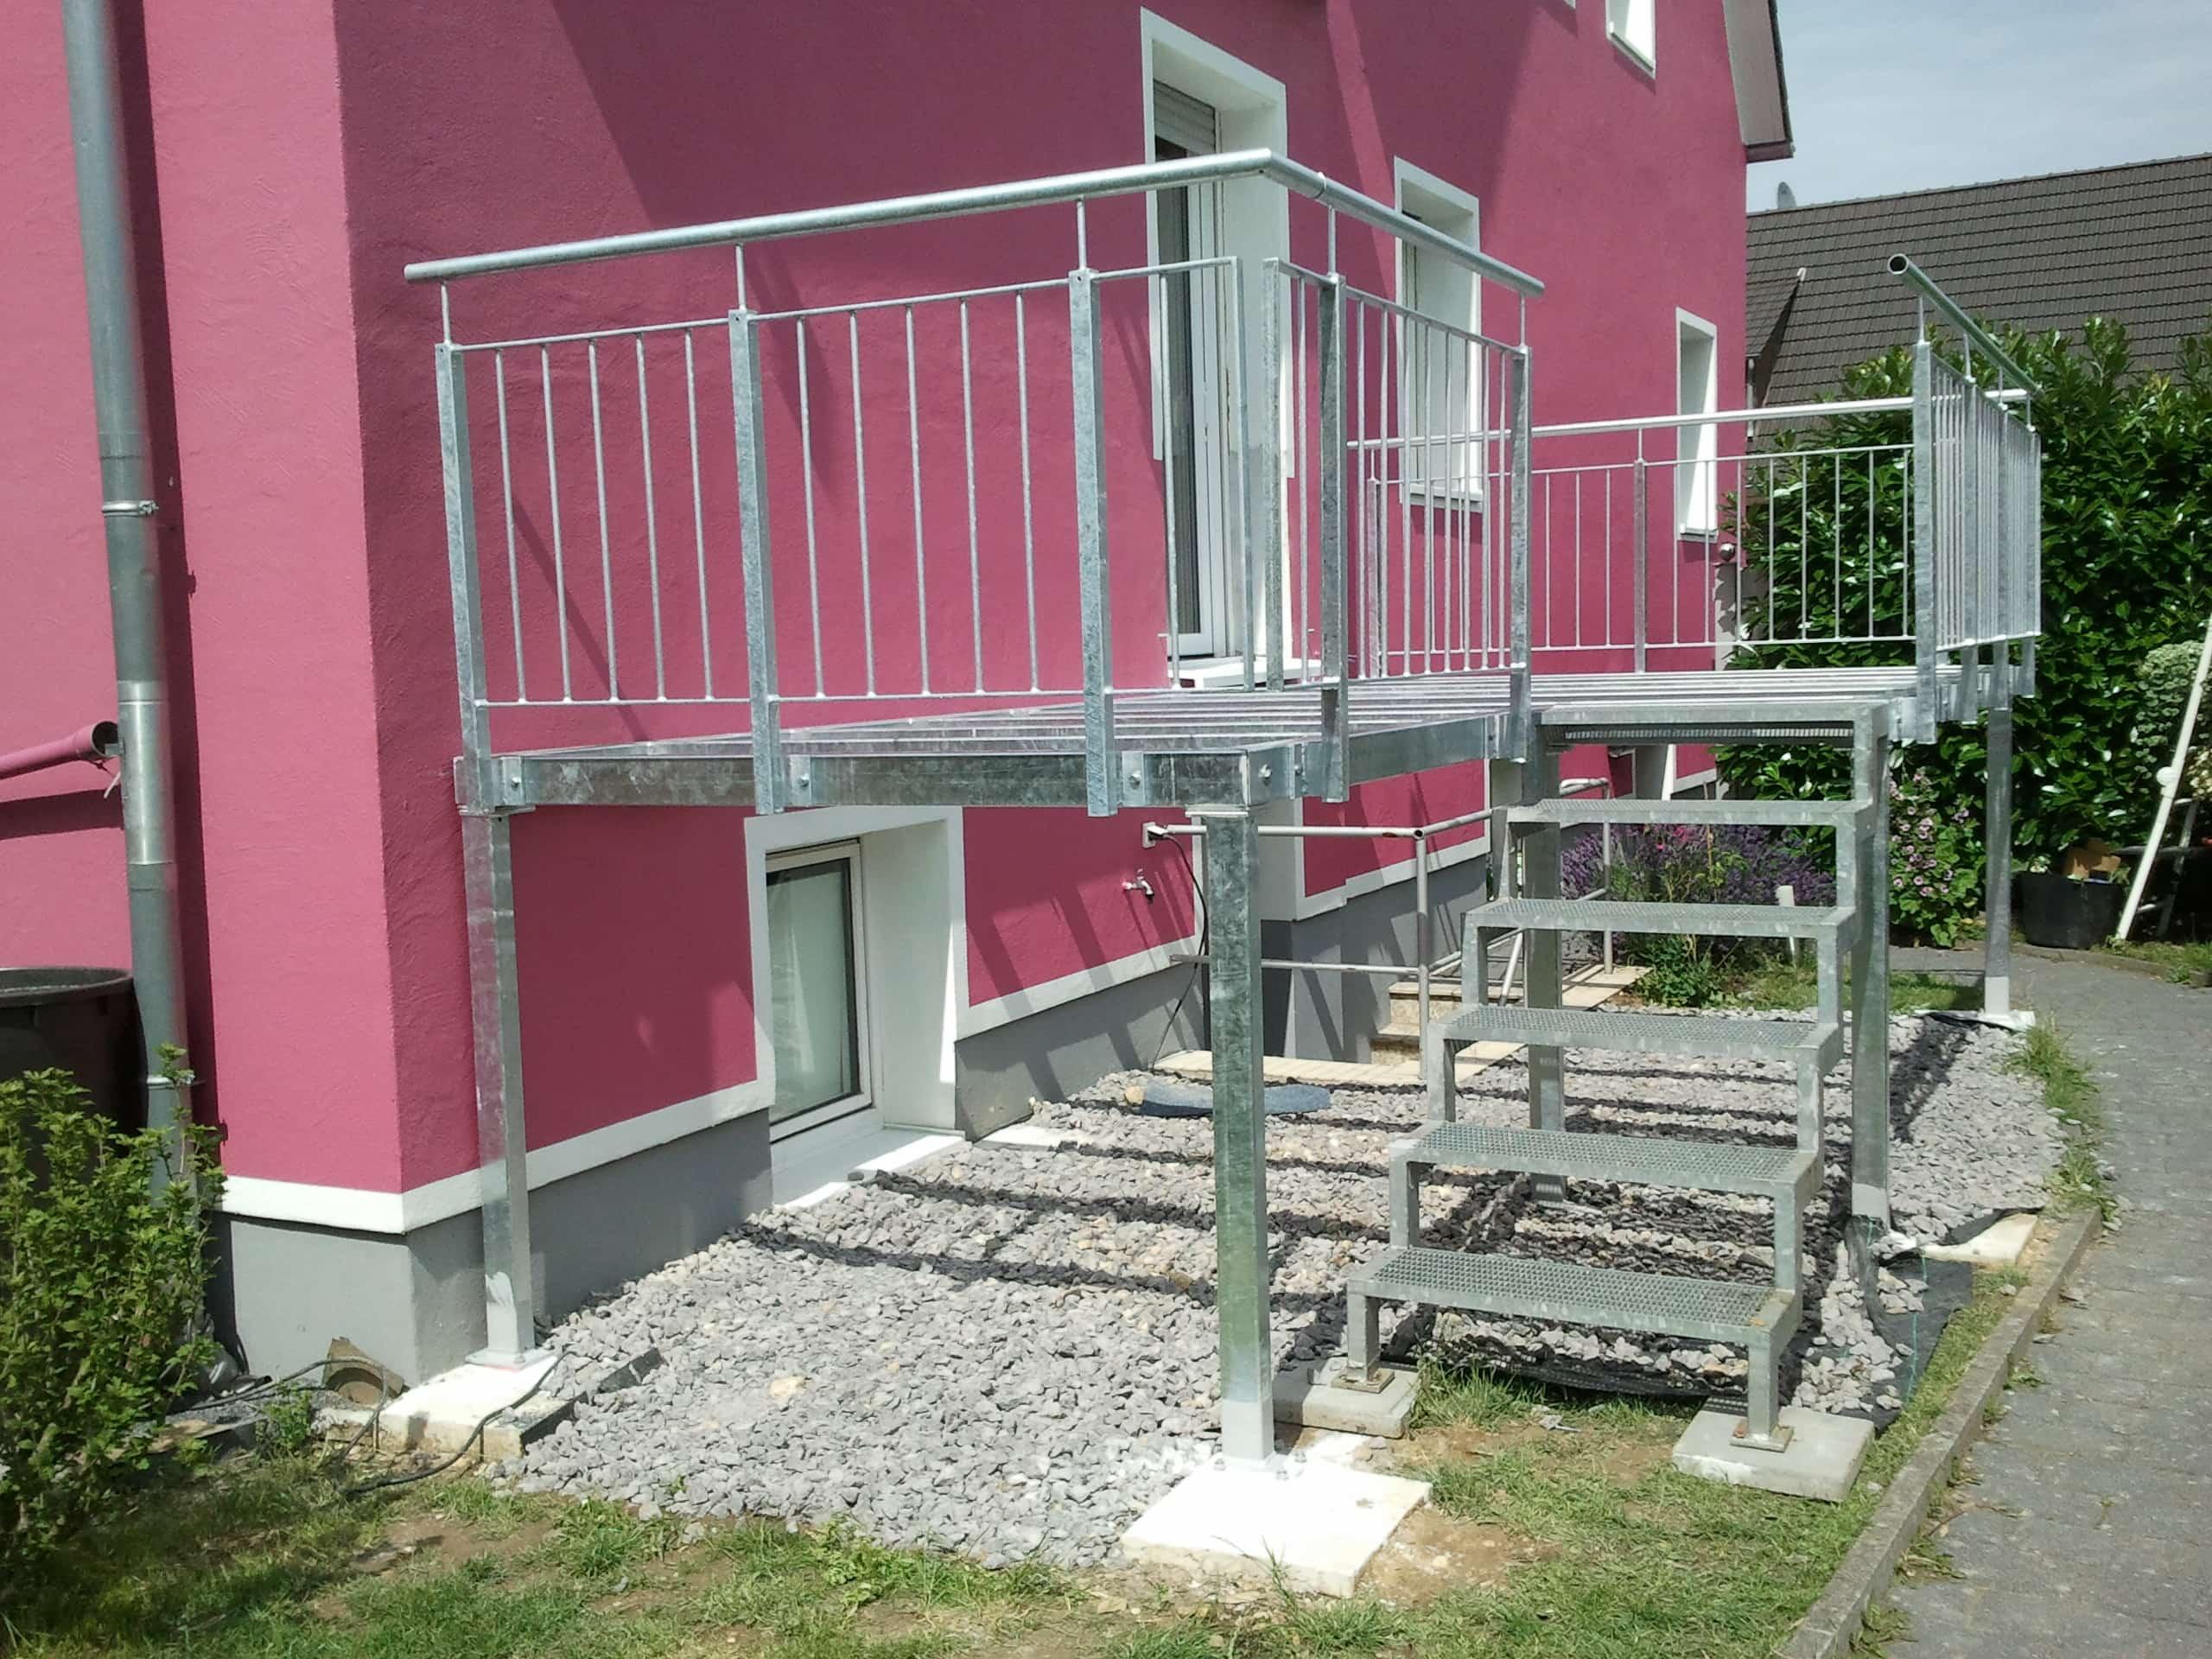 Balkone gefertigt aus feuerverzinktem Stahl vom Metallbaubetrieb Kromm